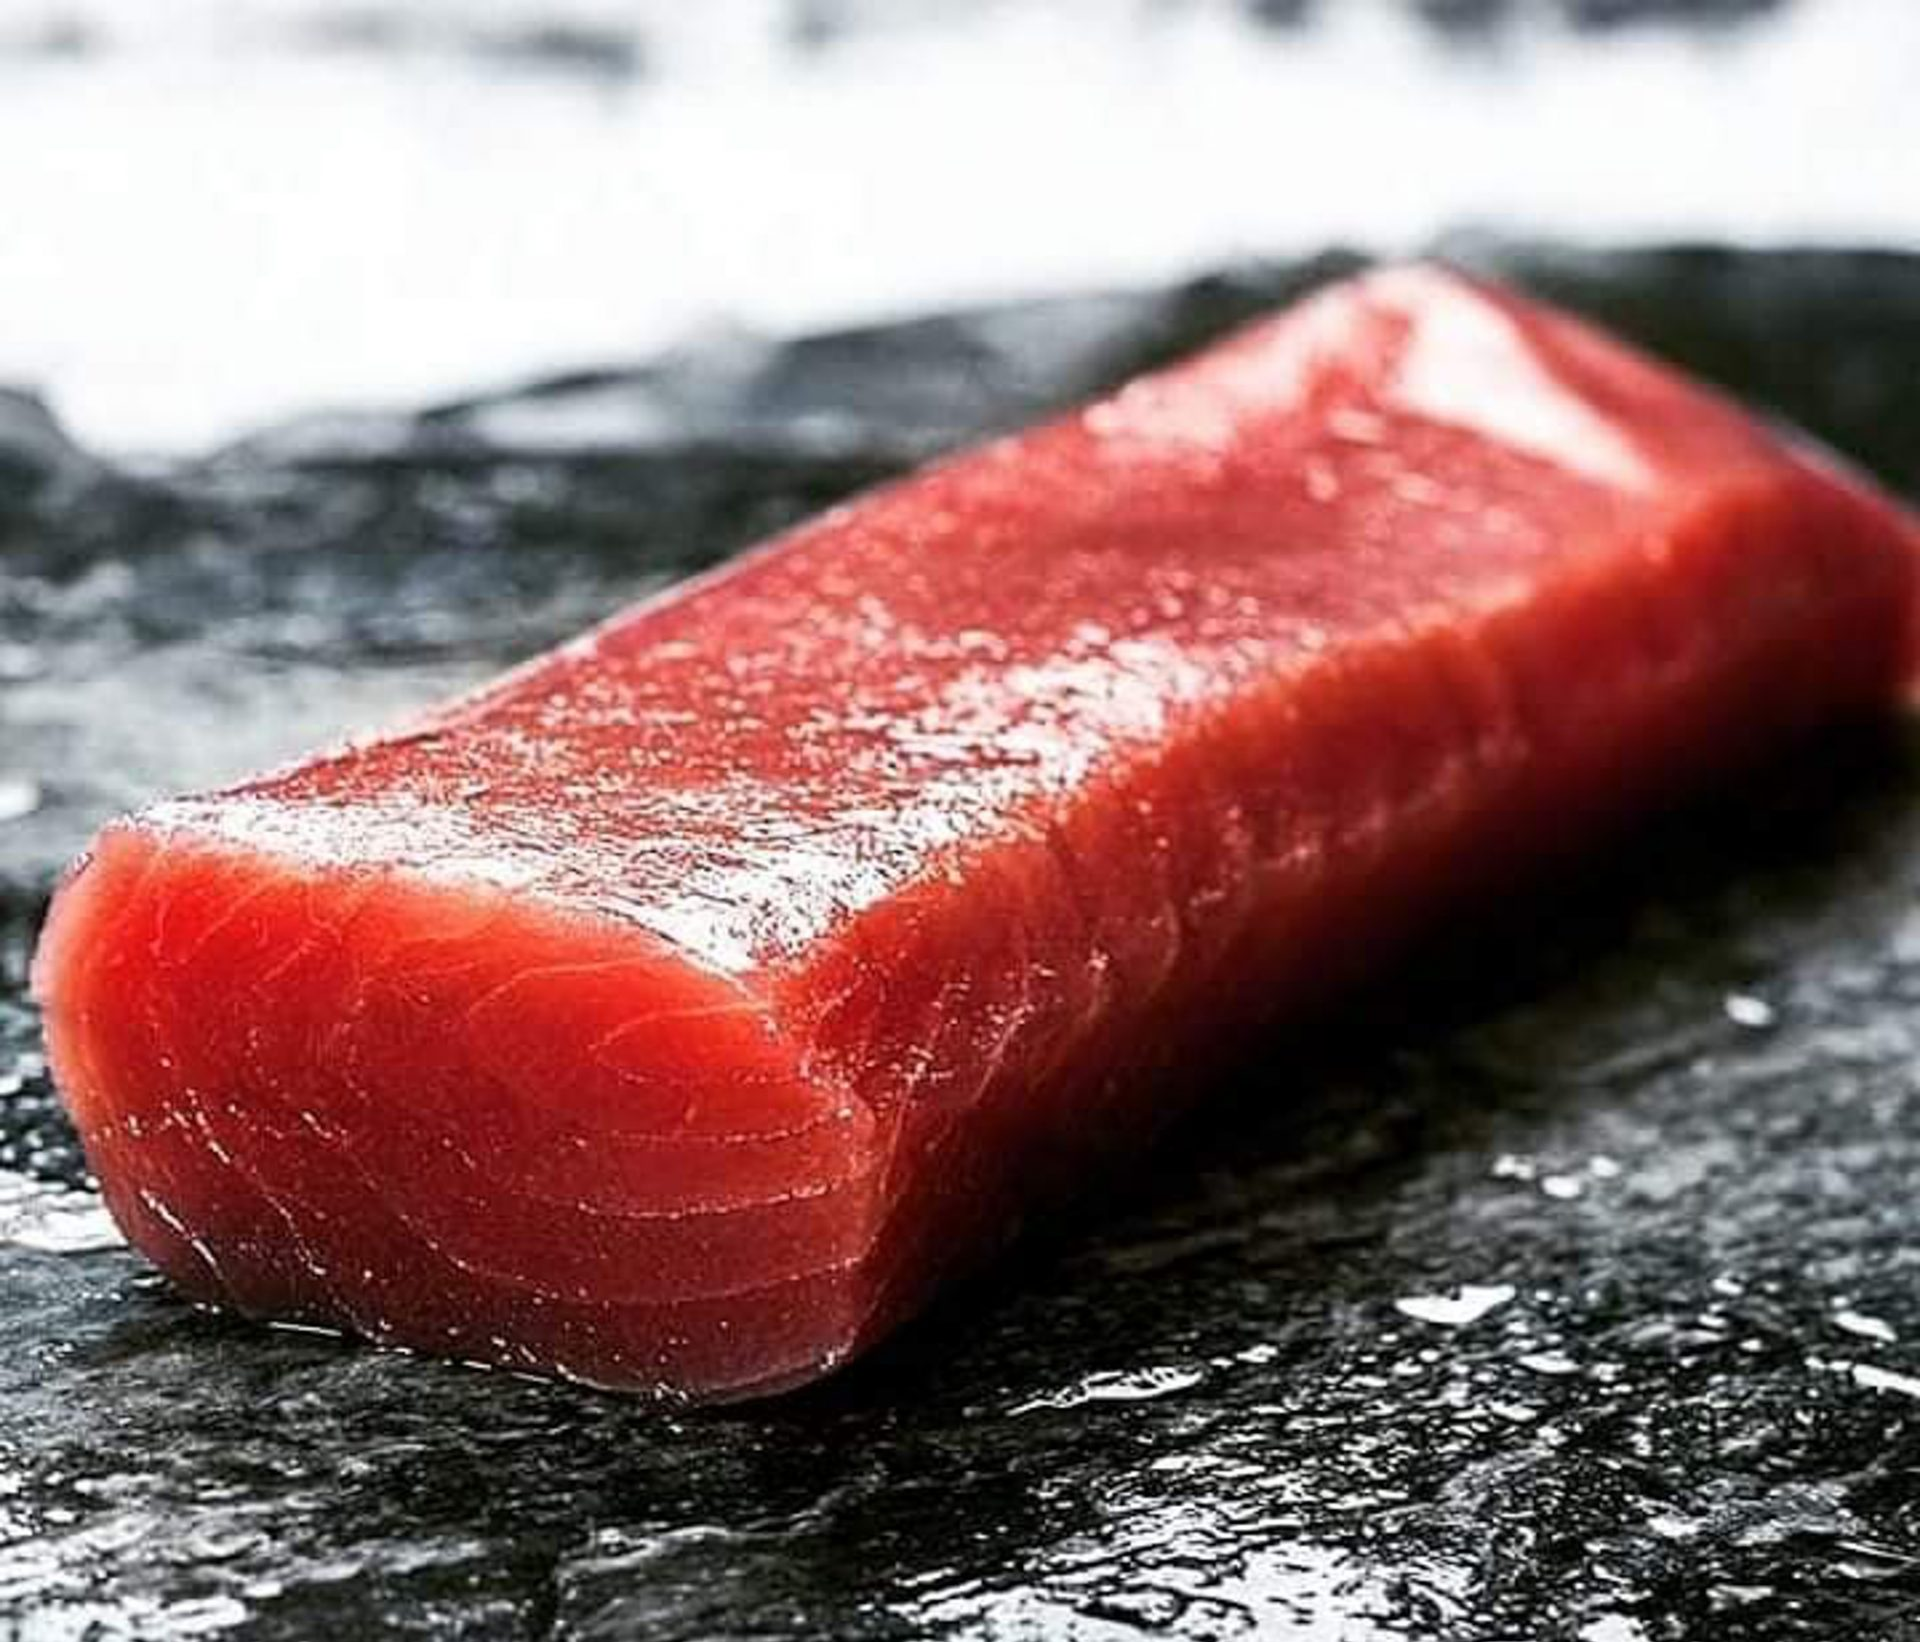 Havnens Fiskehus lander stor fangst: Nordisk bluefin tunfisk sælges i forretningen lørdag